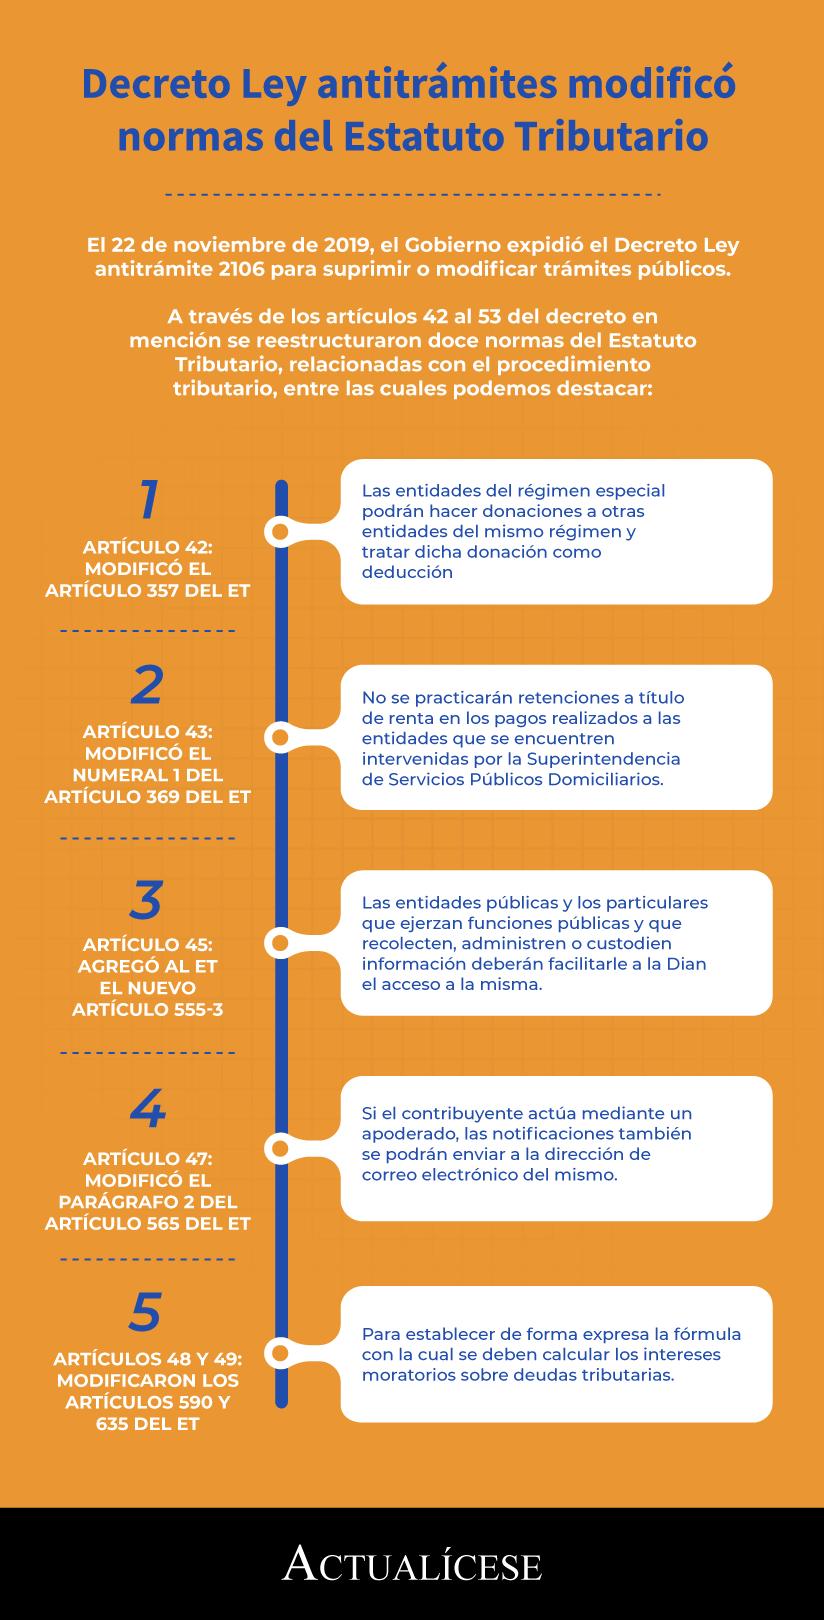 [Infografía] Decreto Ley antitrámites modificó normas del Estatuto Tributario